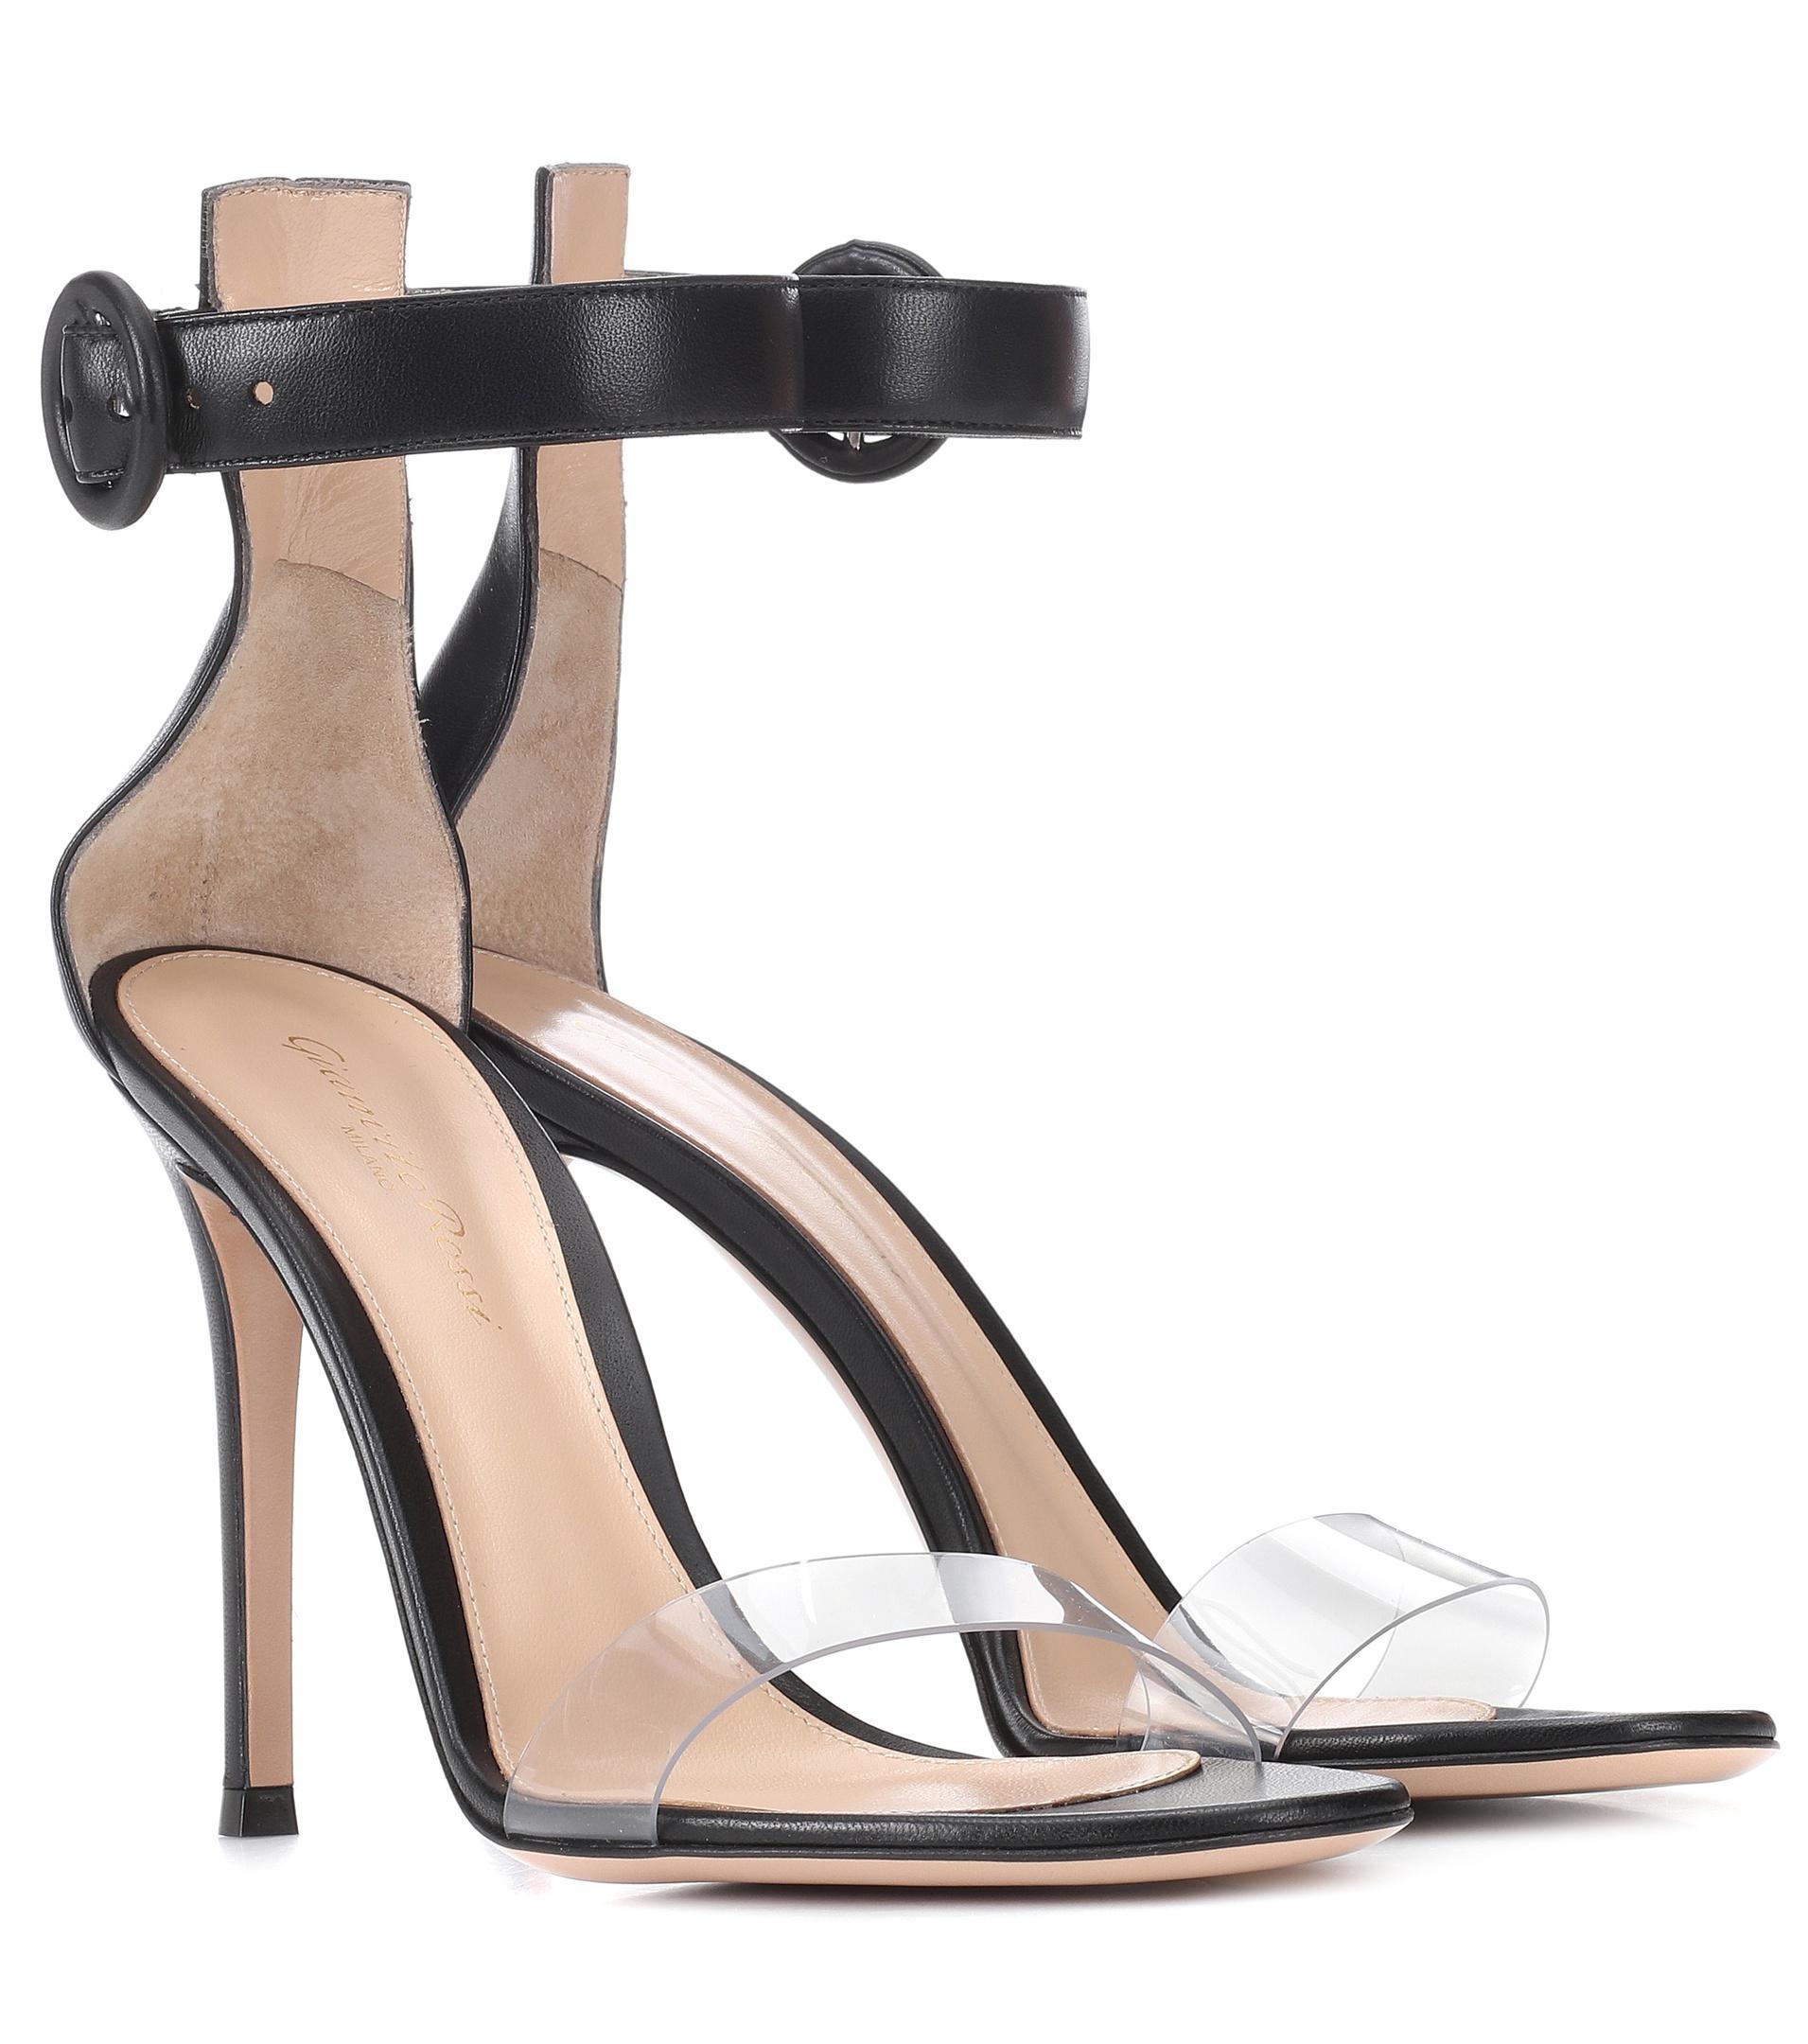 Stella 85 suede sandals Gianvito Rossi p7199Ltxt